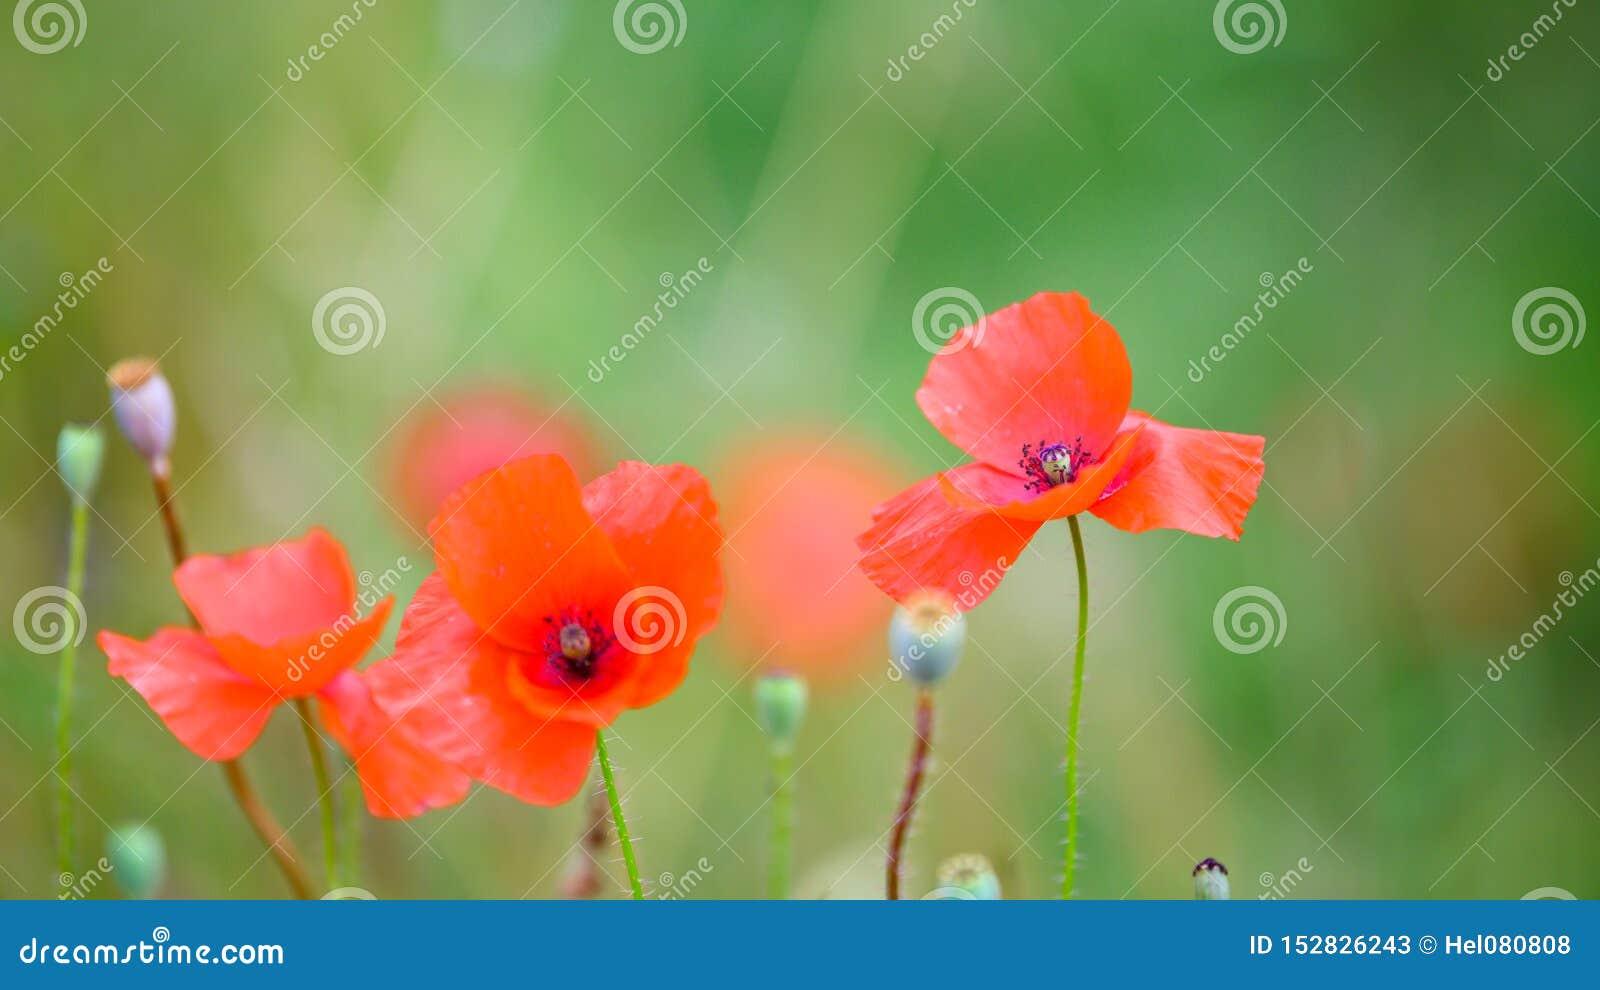 Amapolas que florecen en campo del verano, amapolas de florecimiento y cápsulas de la semilla de amapola